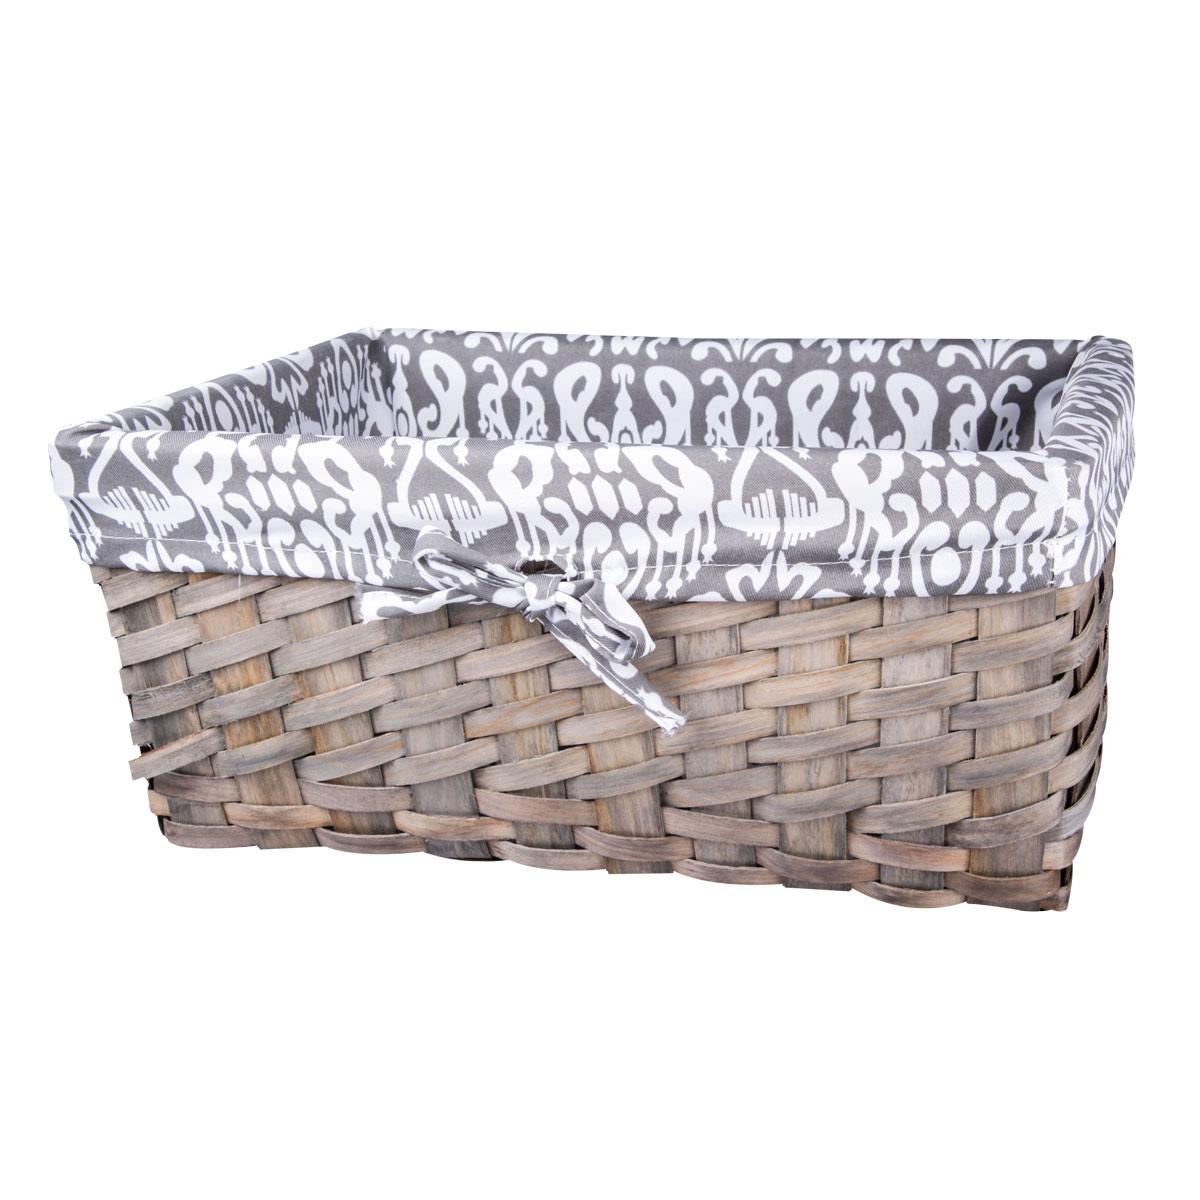 Лучшее решение для хранения вещей - корзина для хранения Miolla. Экономьте полезное пространство своего дома, уберите ненужные вещи в удобную корзину и используйте ее для хранения дорогих сердцу вещей, которые нужно сберечь в целости и сохранности.Корзина изготовлена из дерева. Специальные отверстия на стенках создают идеальные условия для проветривания. Размер корзины: 37 х 26 х 17 см.